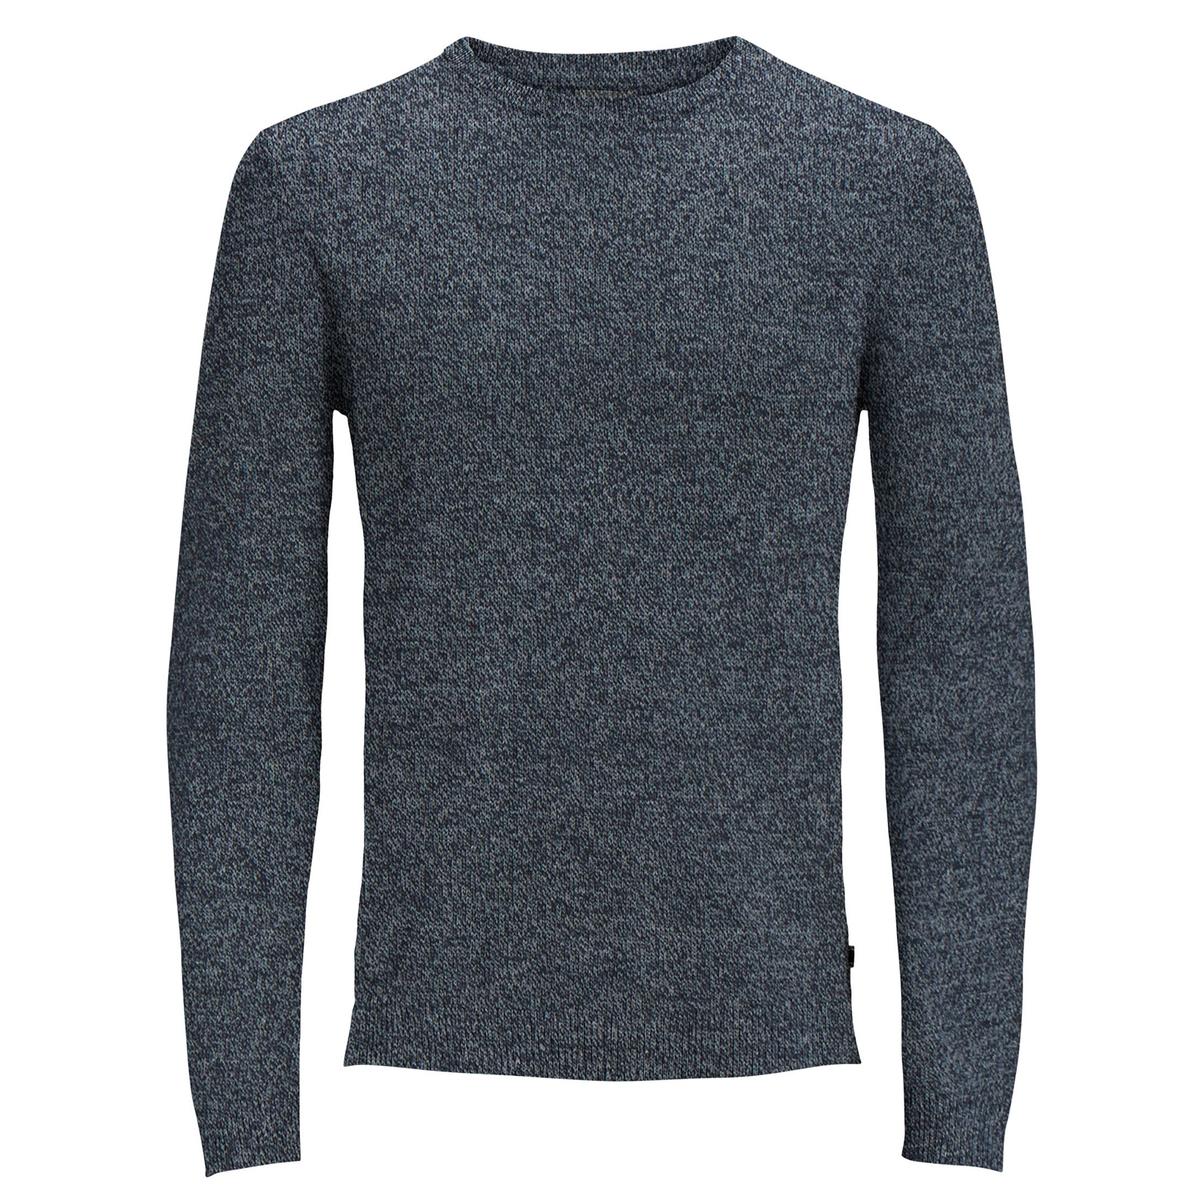 Пуловер La Redoute С круглым вырезом из тонкого трикотажа XXL синий халат la redoute из переработанного велюра xxl синий